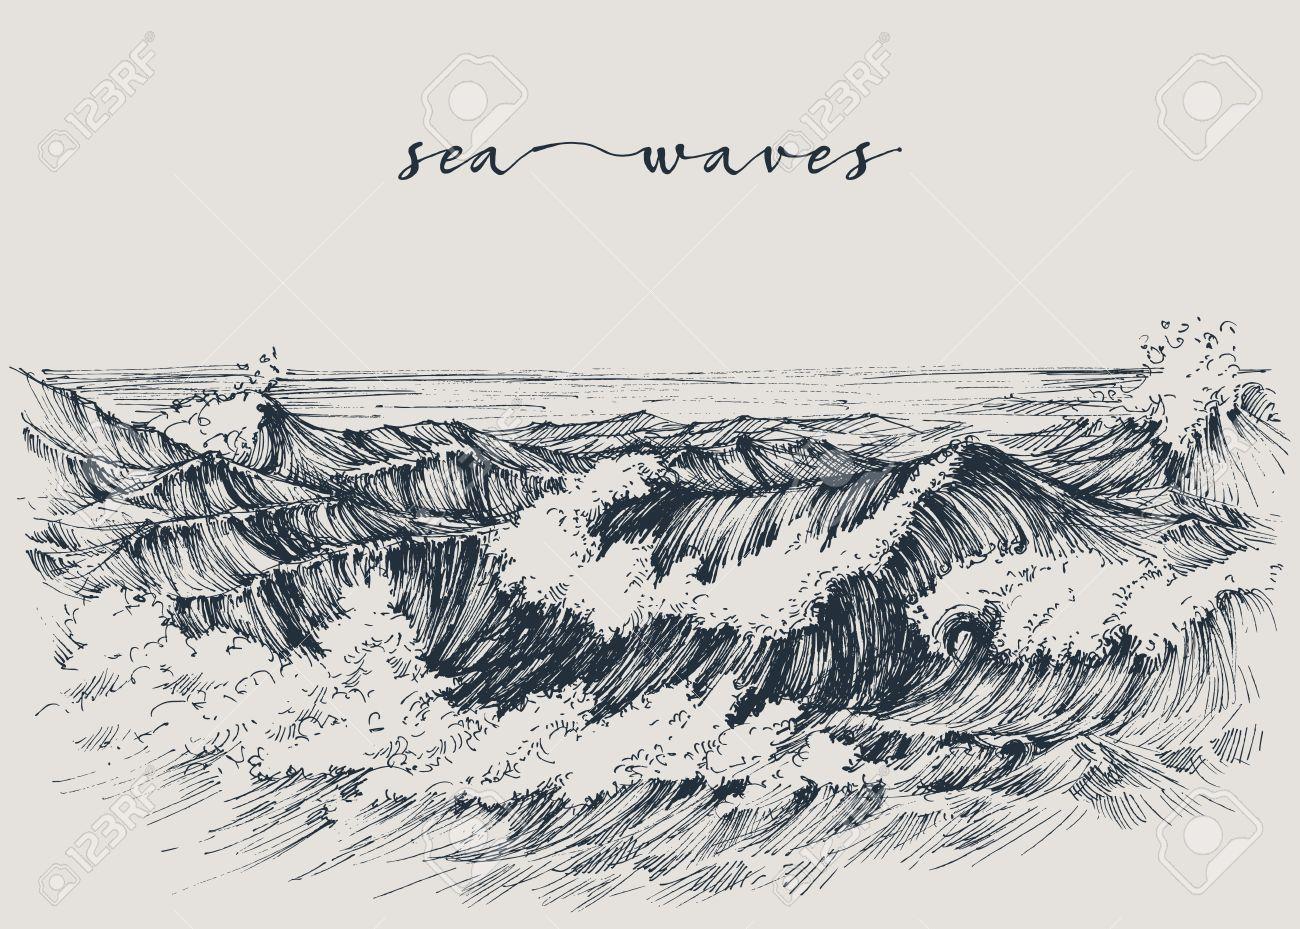 Sea or ocean waves drawing. Sea view, waves breaking on the beach - 58702995